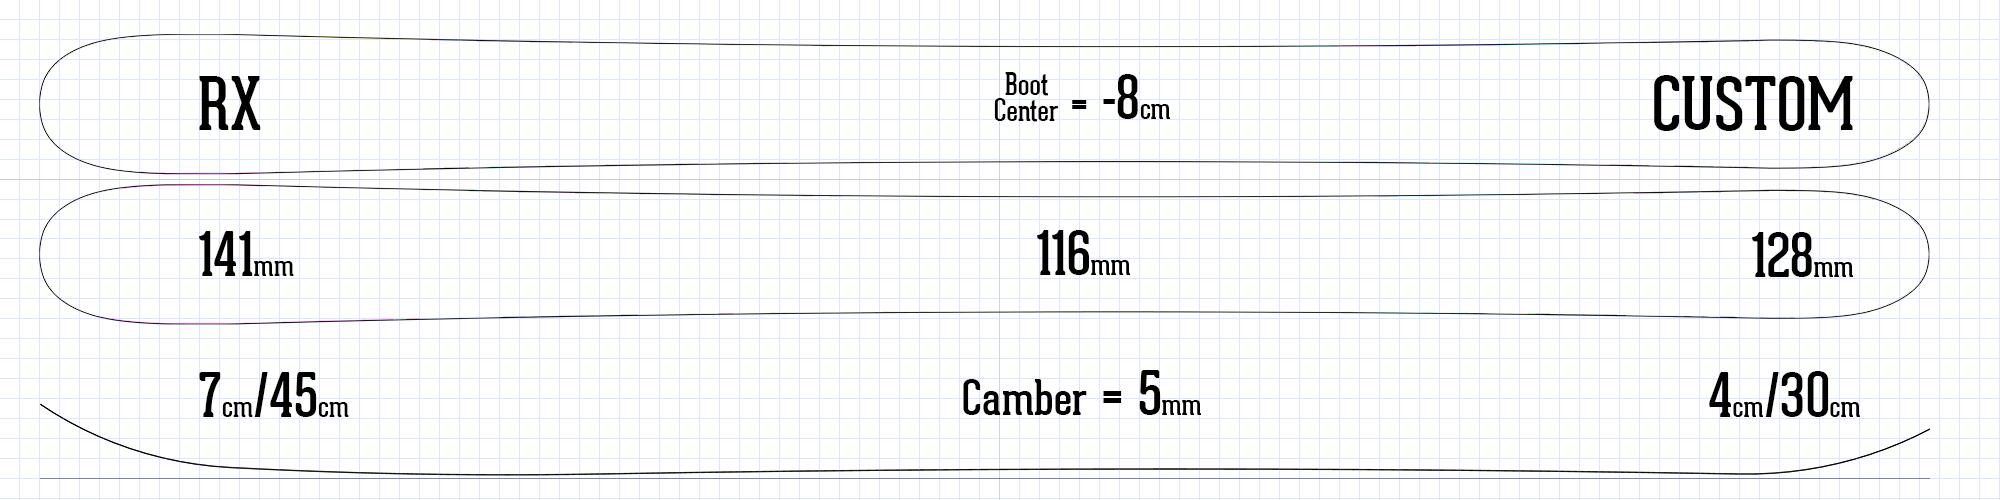 RX ski spec and rocker camber profile